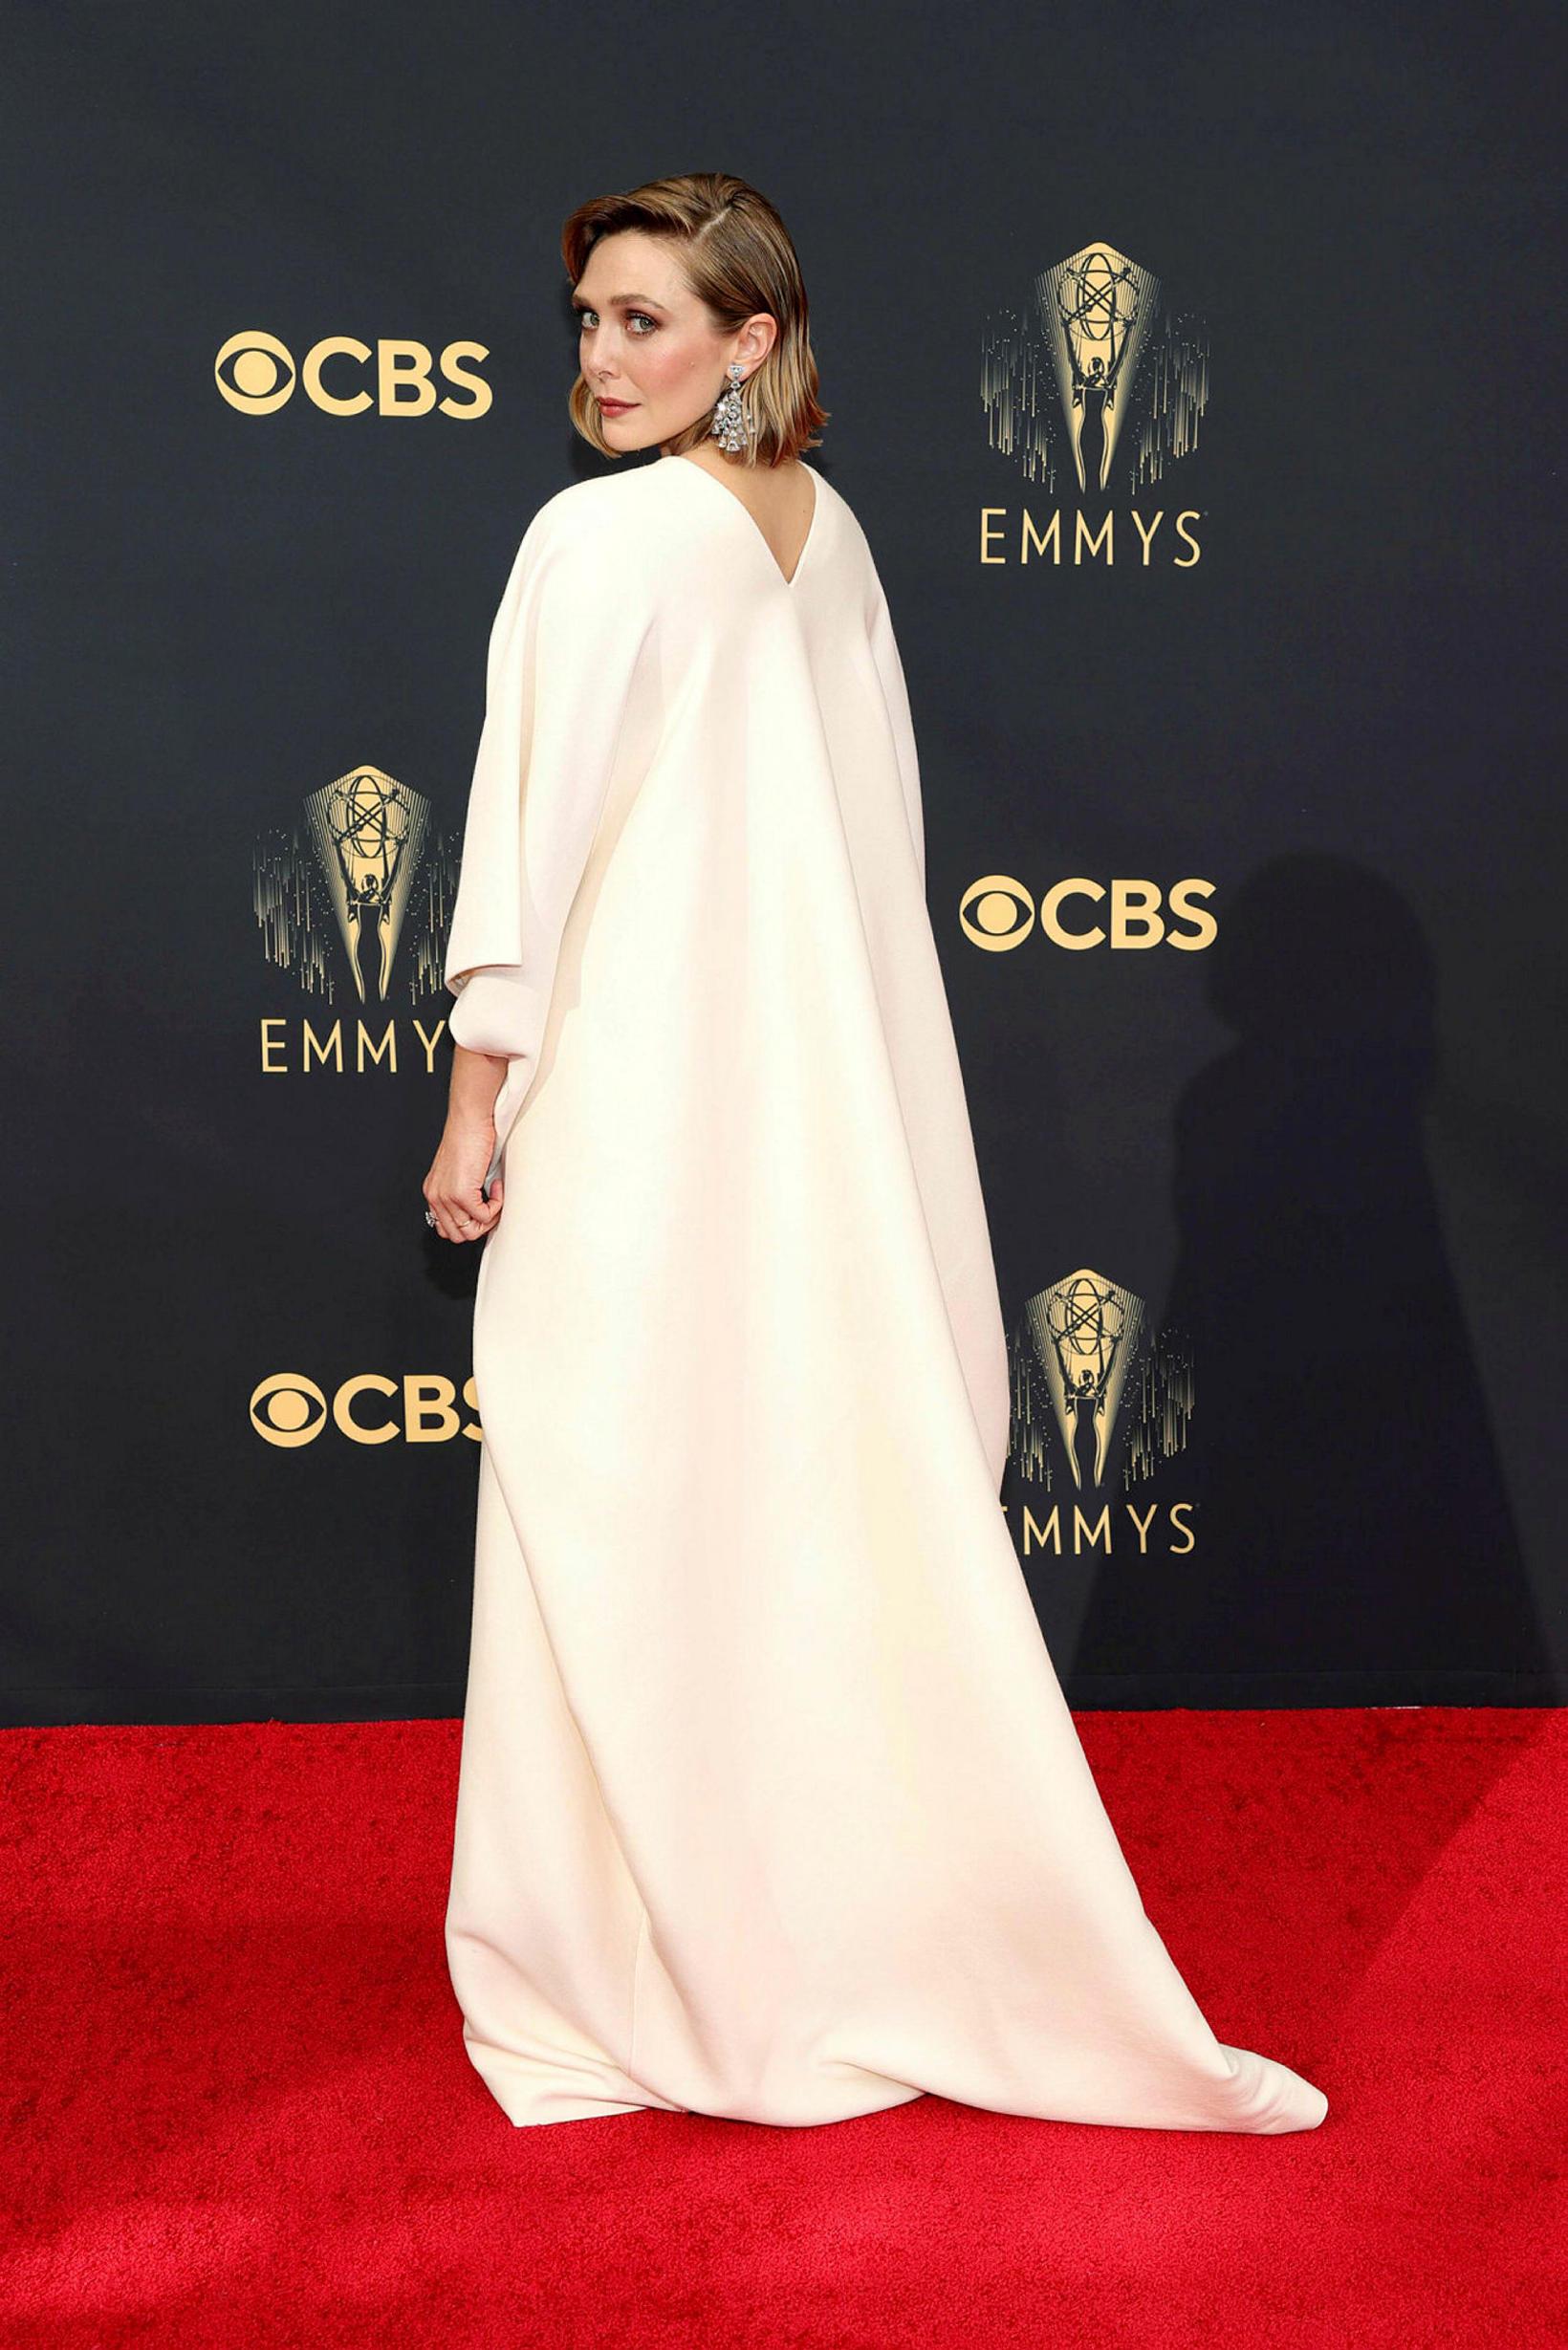 Elizabeth Olsen The Row and Chopard.